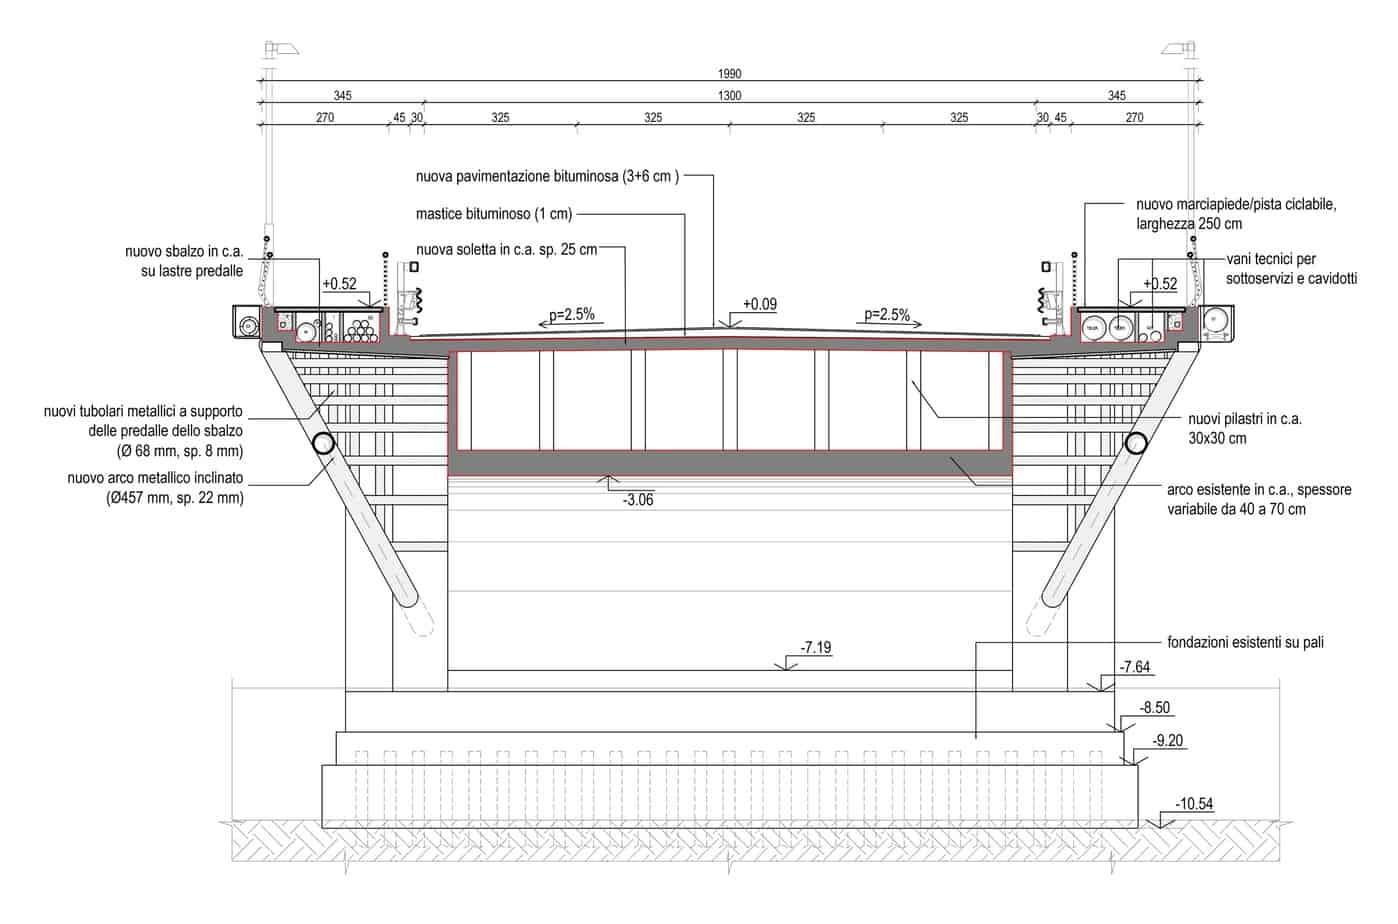 La sezione di progetto con i nuovi archi inclinati e l'allargamento